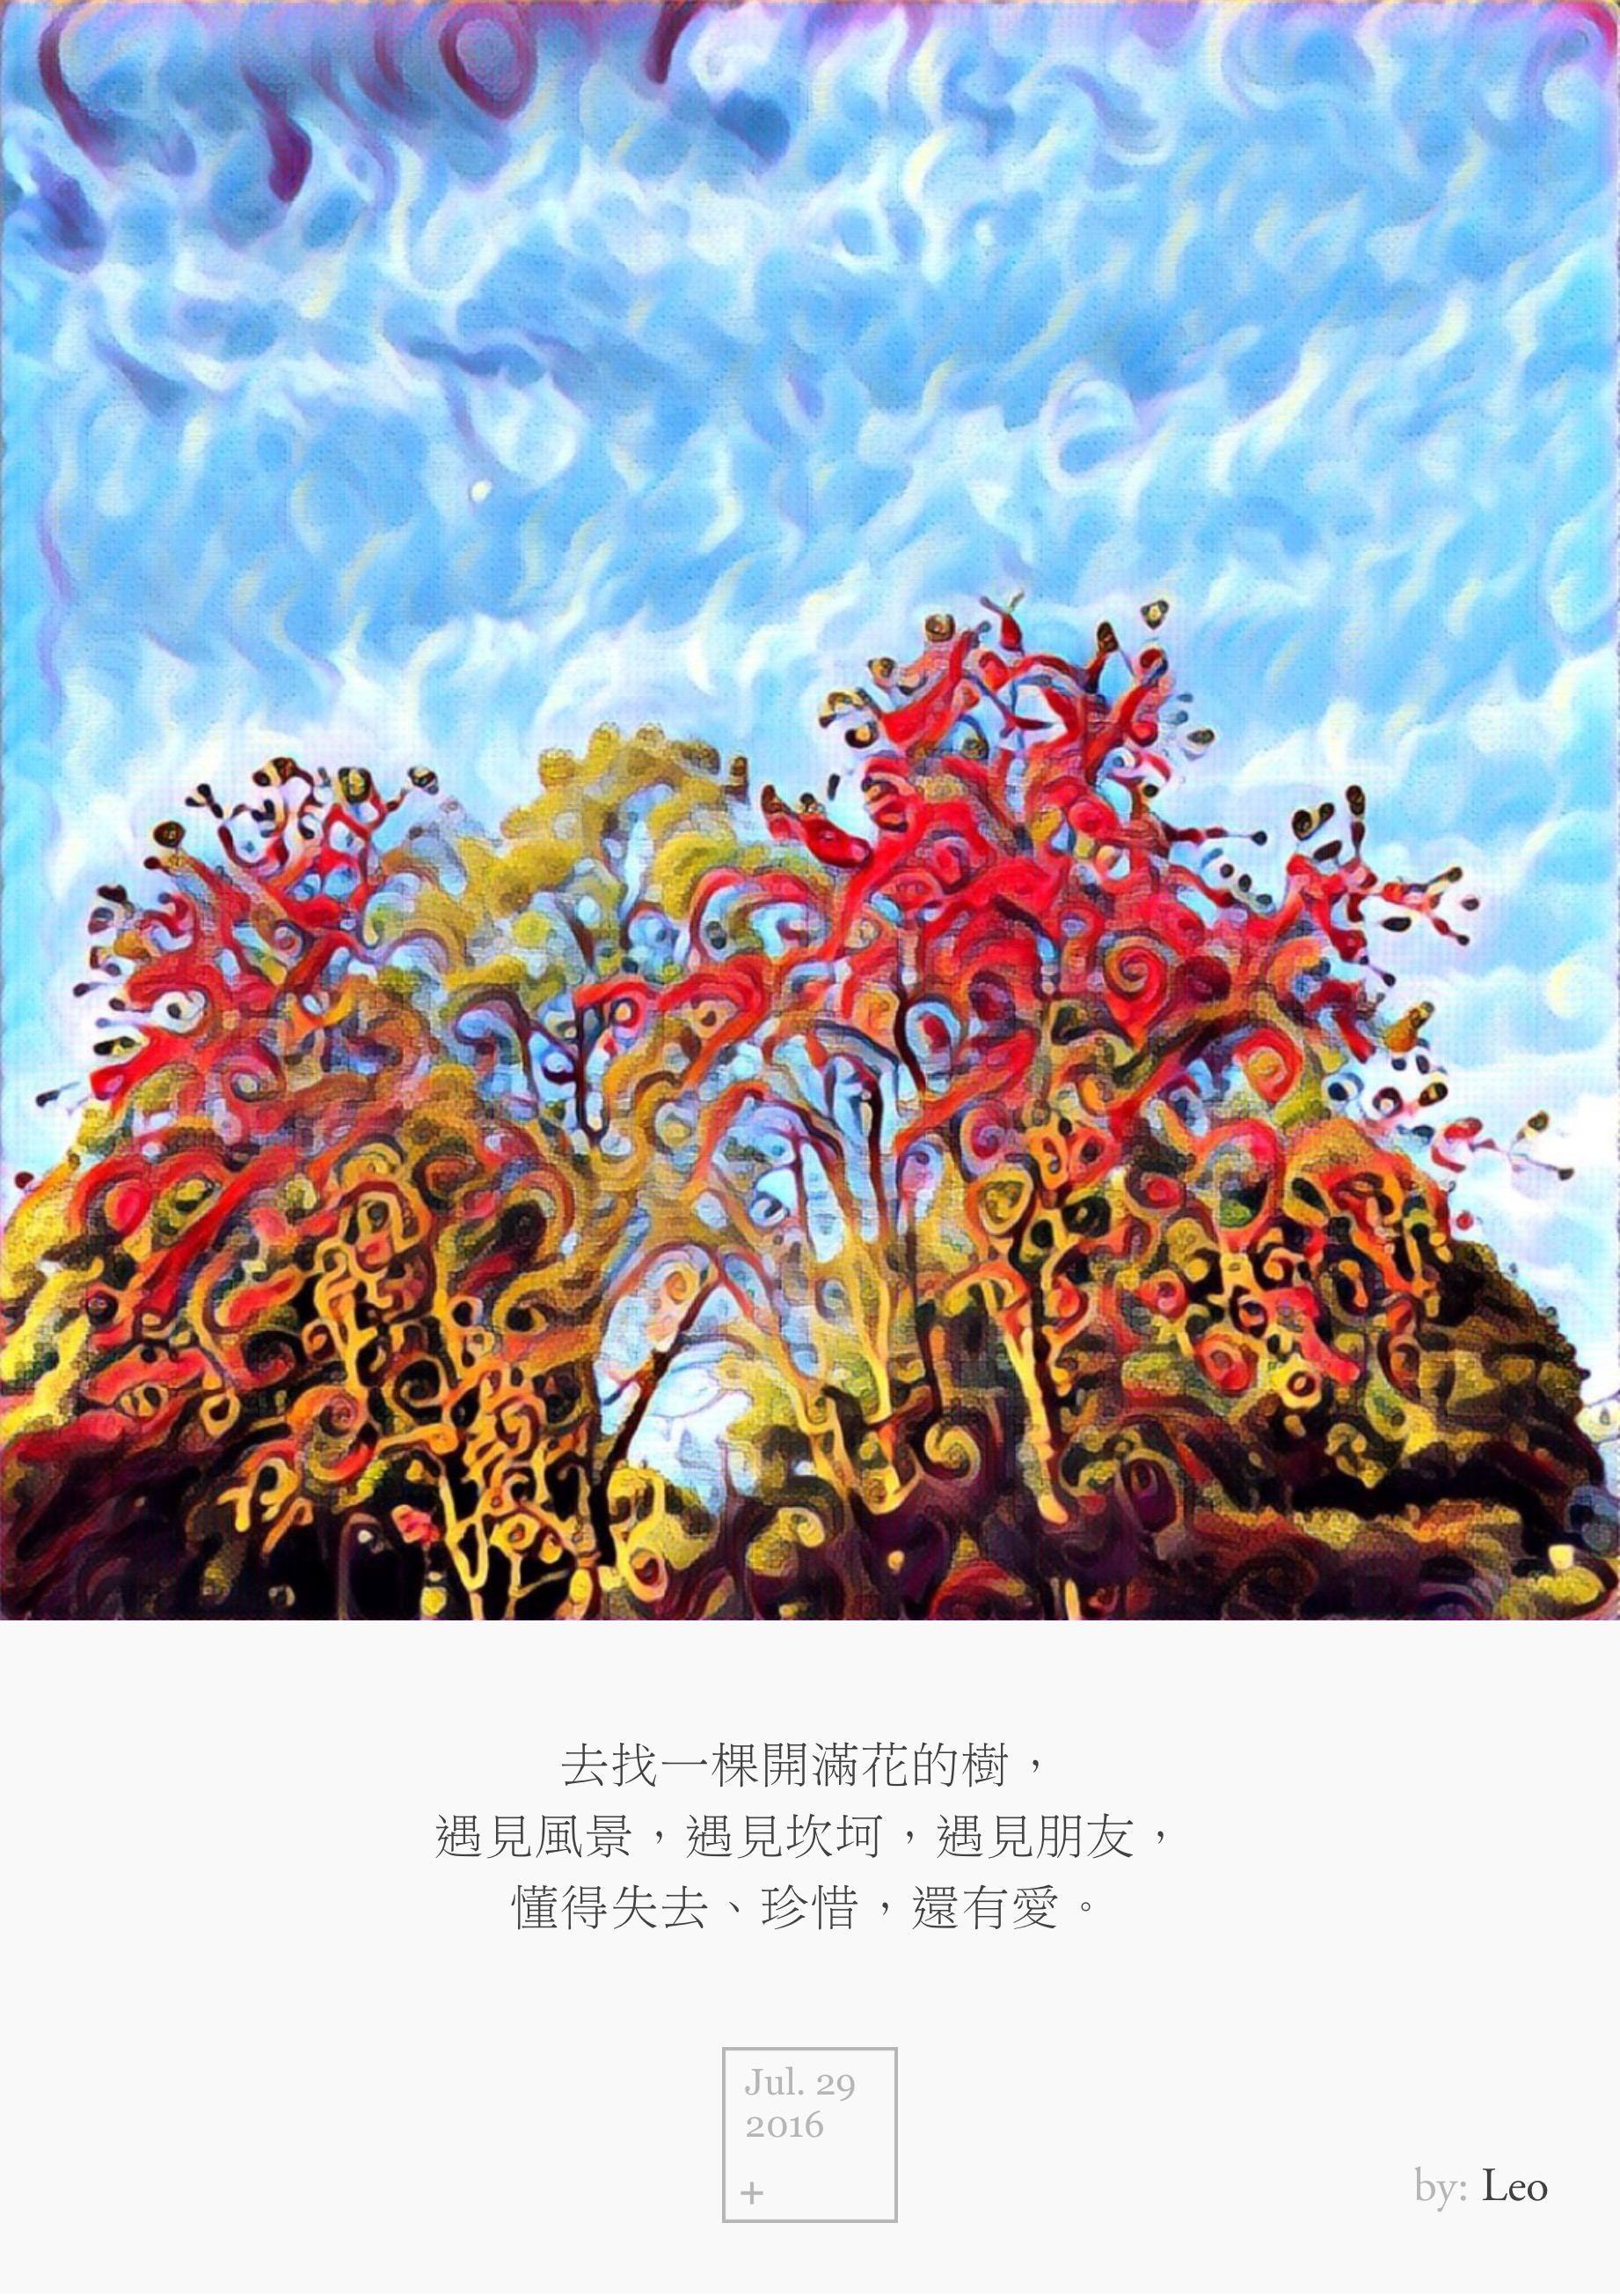 去找一棵开满花的树, 遇见风景,遇见坎坷,遇见朋友, 懂得失去、珍惜,还有爱。